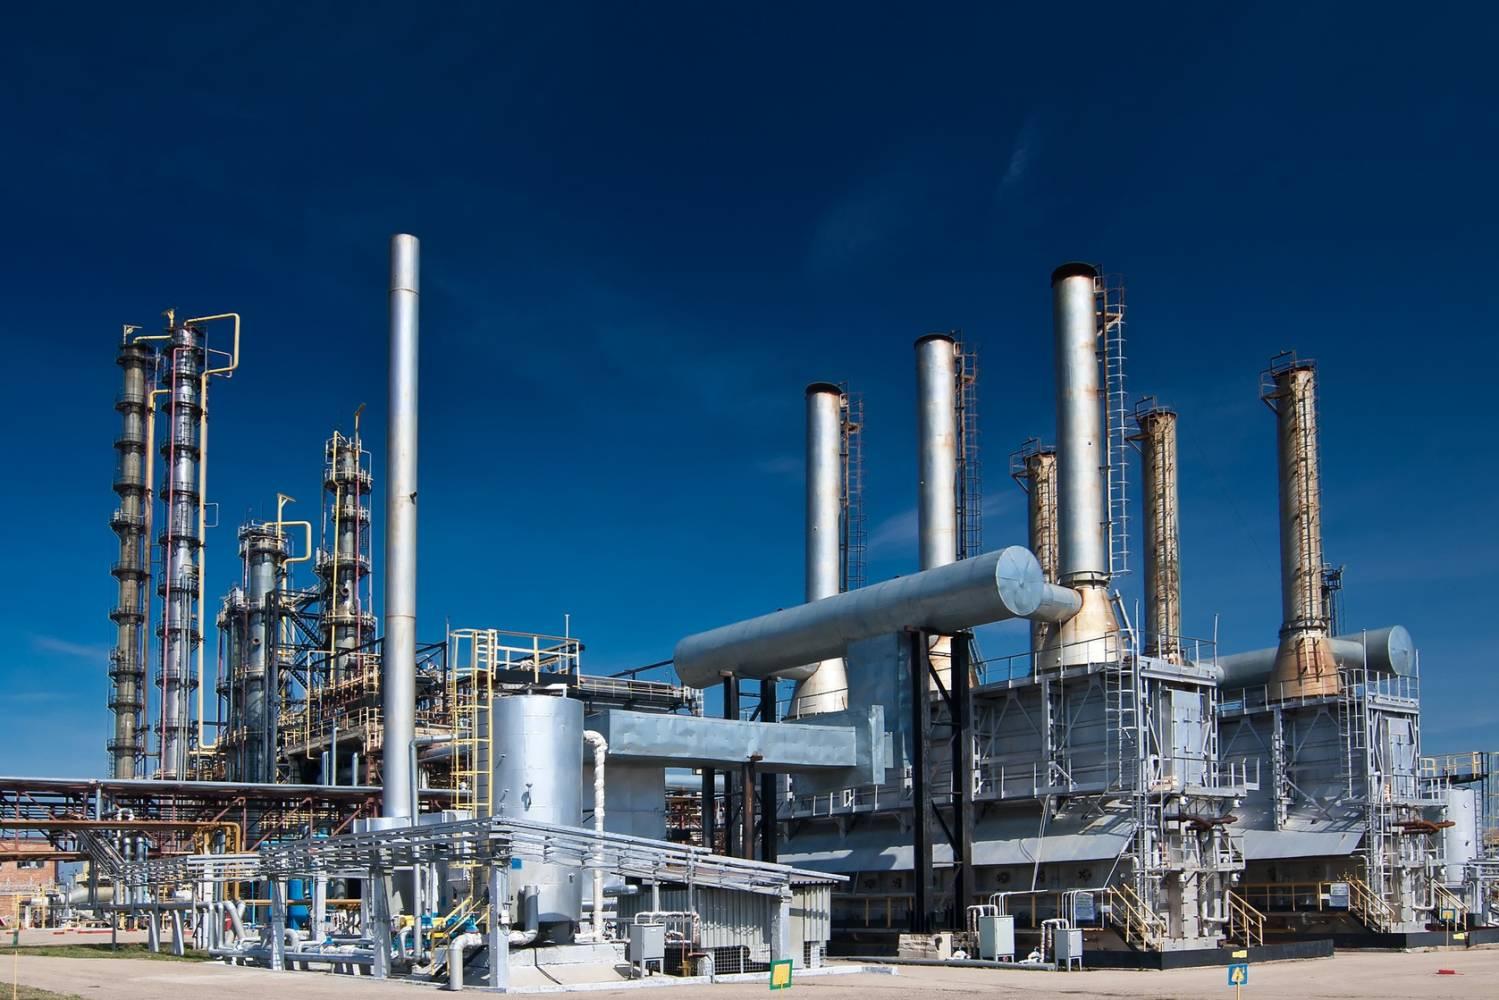 Нефтеперерабатывающая отрасль негативно сказывается на экологии